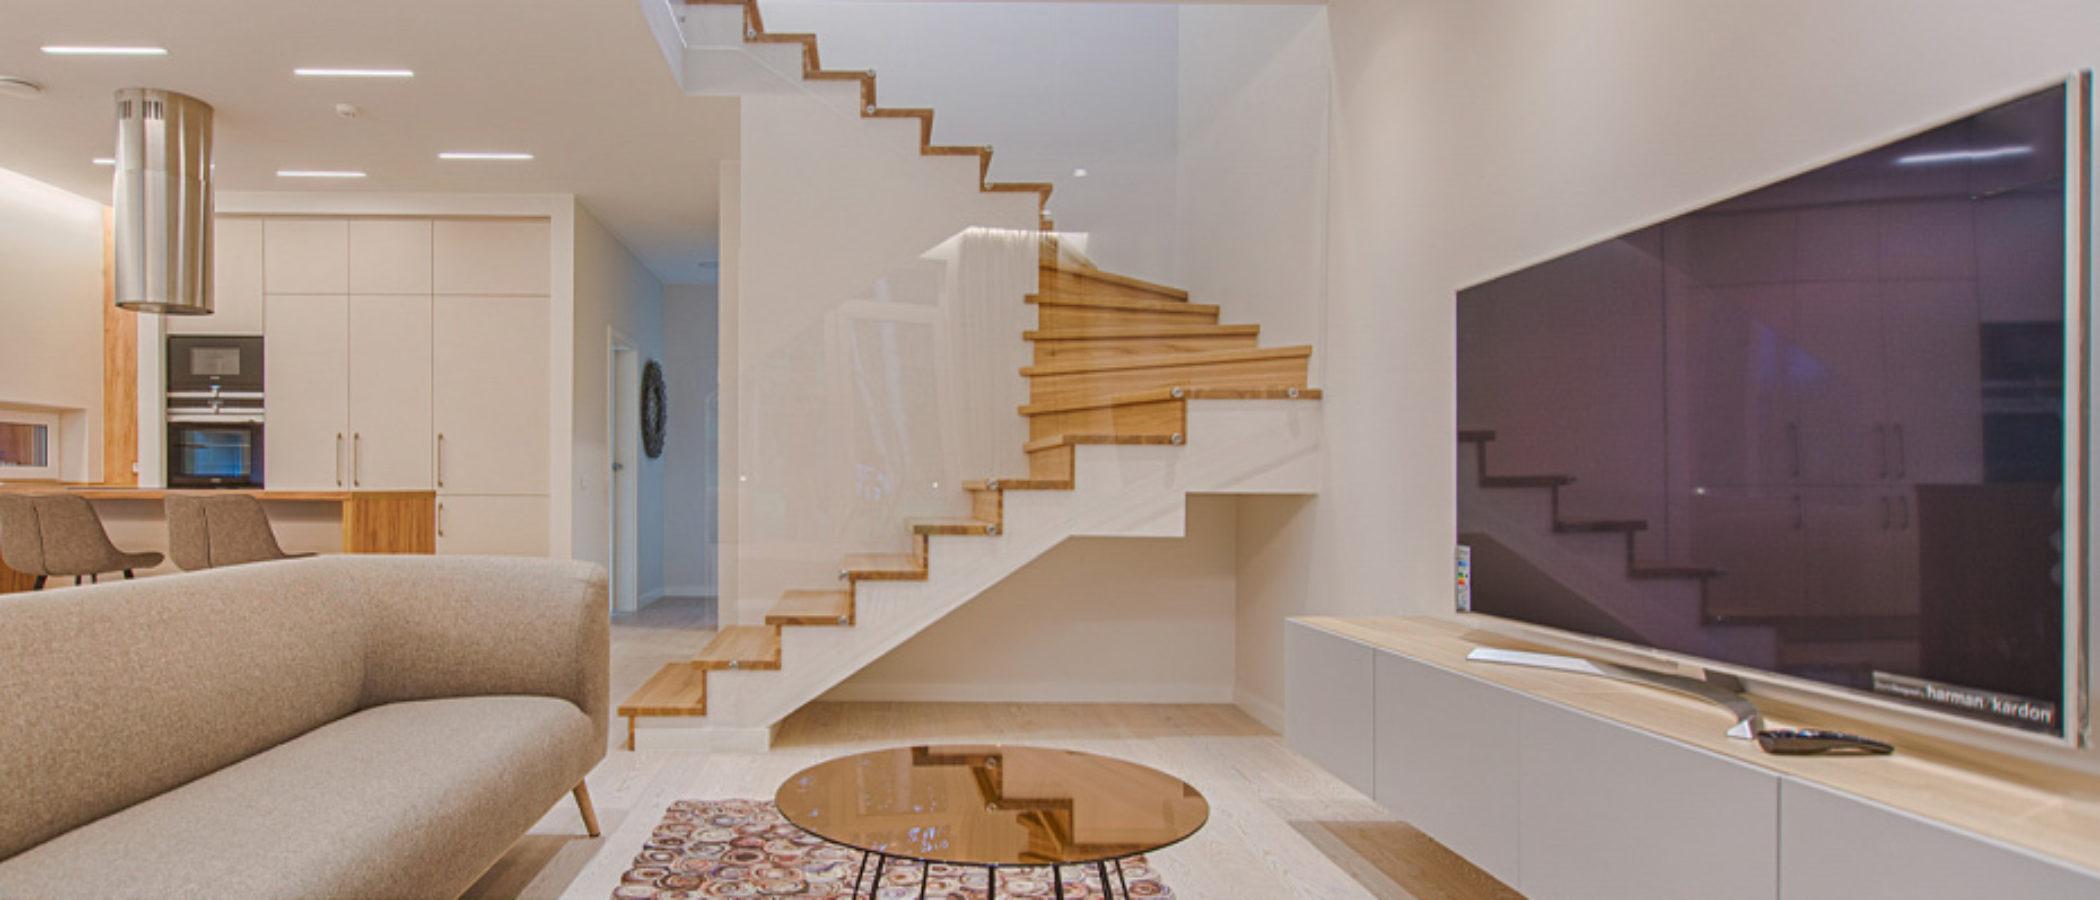 The Best Flooring for Basements in 6 – ReallyCheapFloors